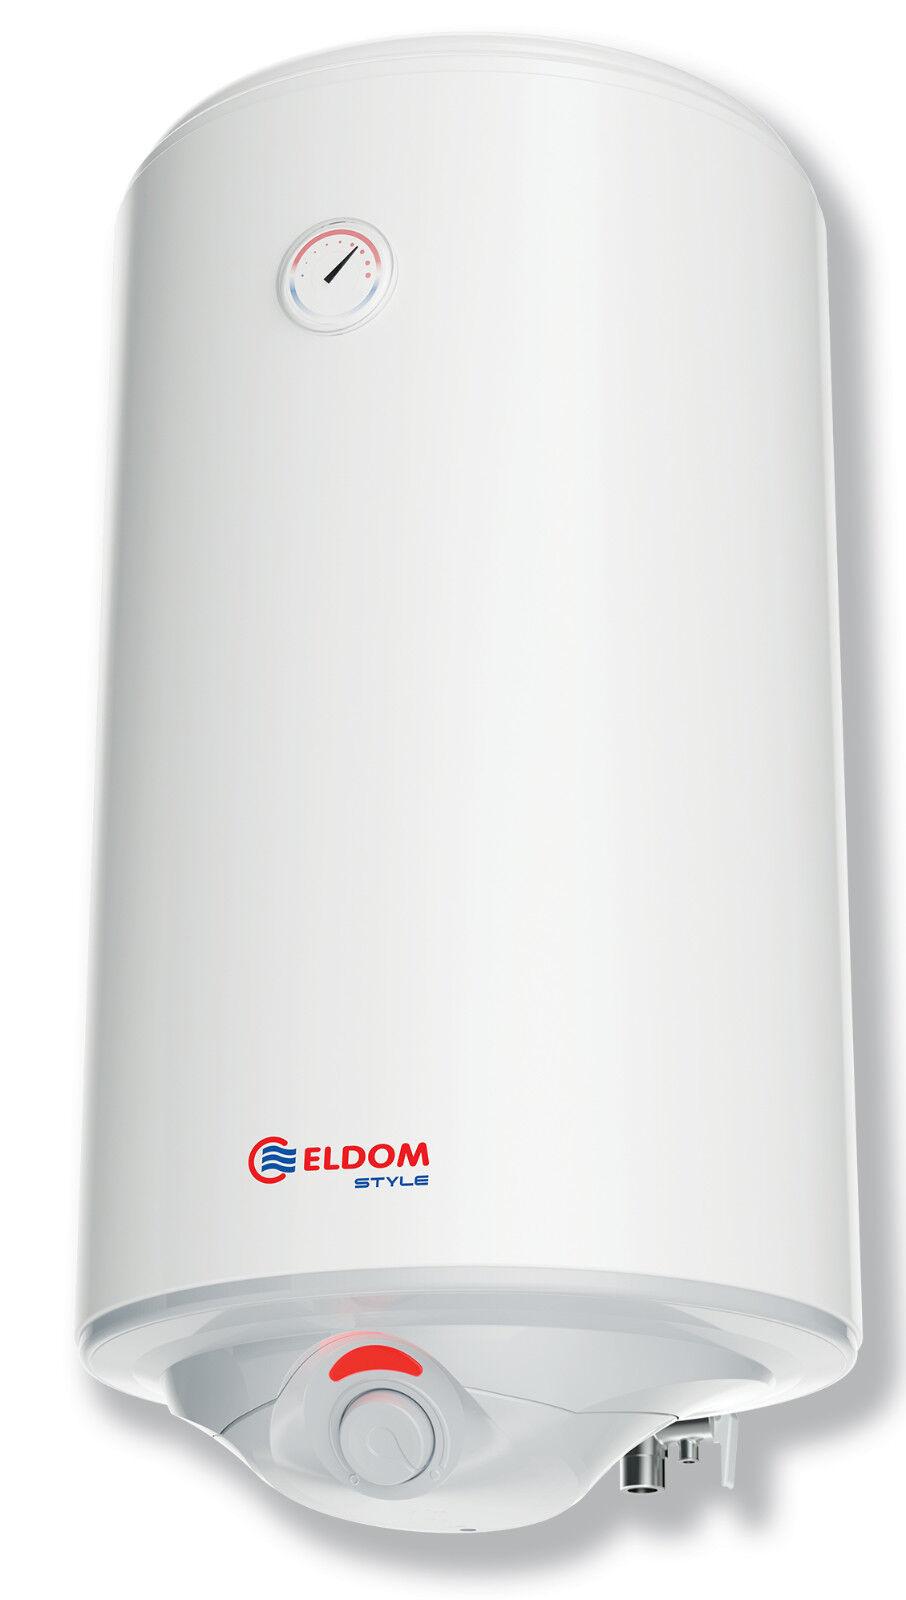 Warmwasserspeicher Boiler Warmwasserbereiter 80L druckfest Eldom Style